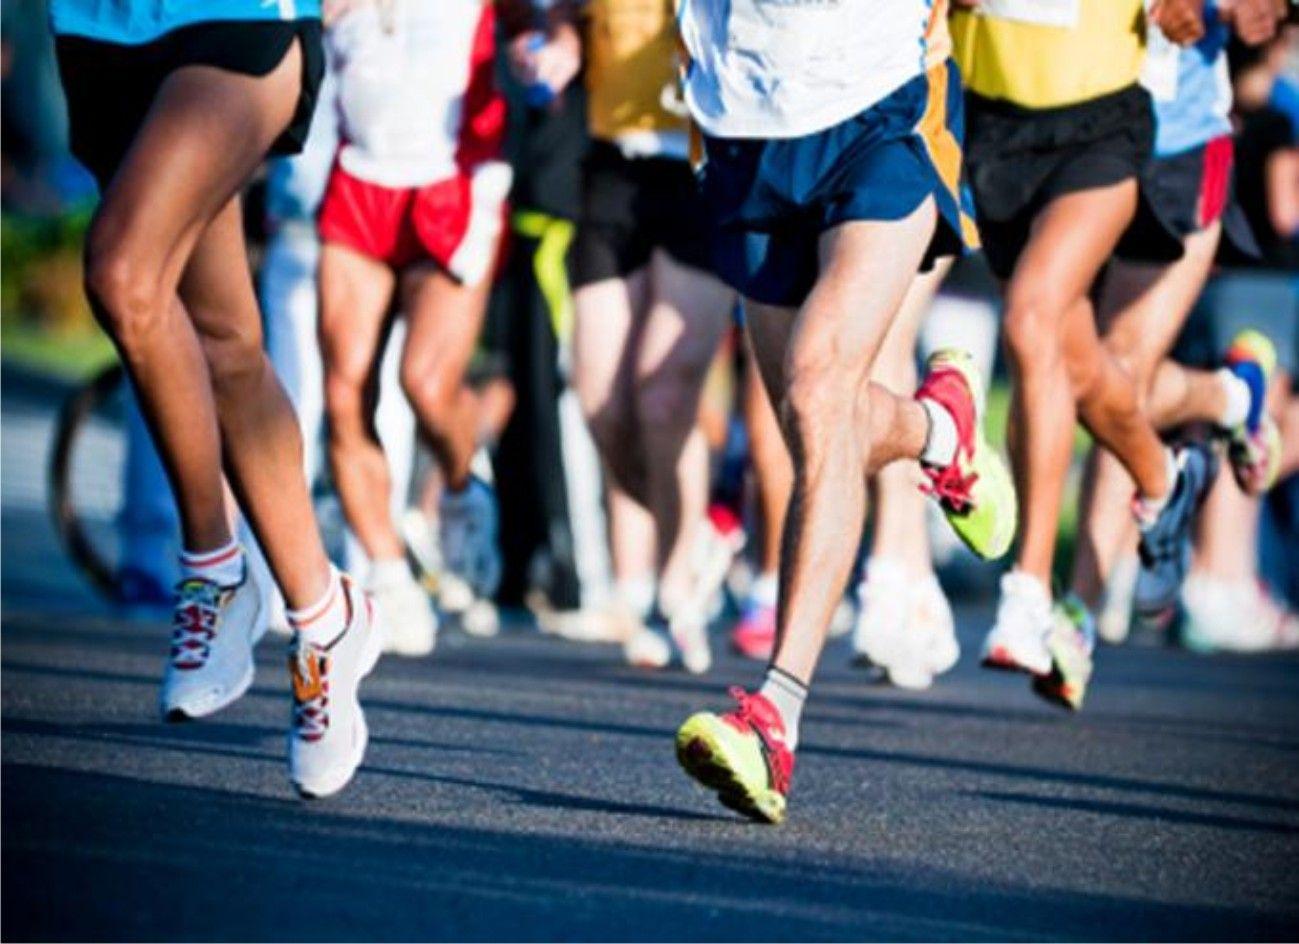 Tempos oficiais da Meia Maratona de Niterói